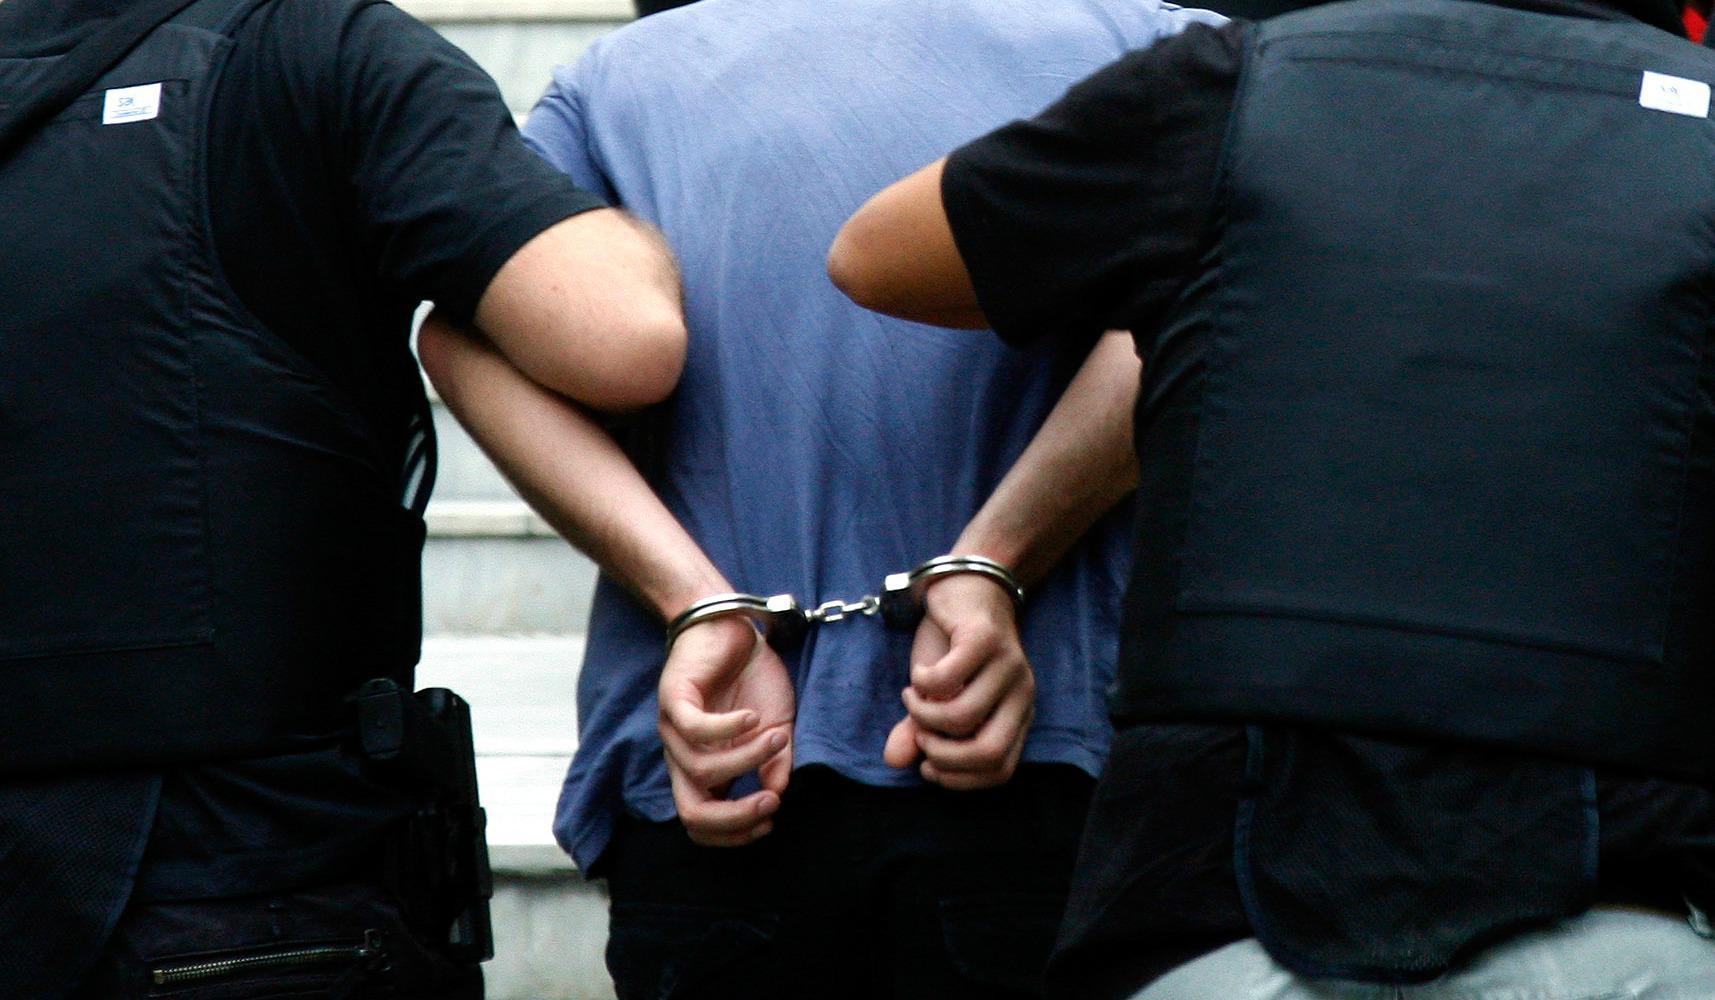 Θεσσαλονίκη: Κυκλοφορούσε σαν… δραπέτης επί ένα χρόνο – Συνελήφθη στην Καλαμαριά